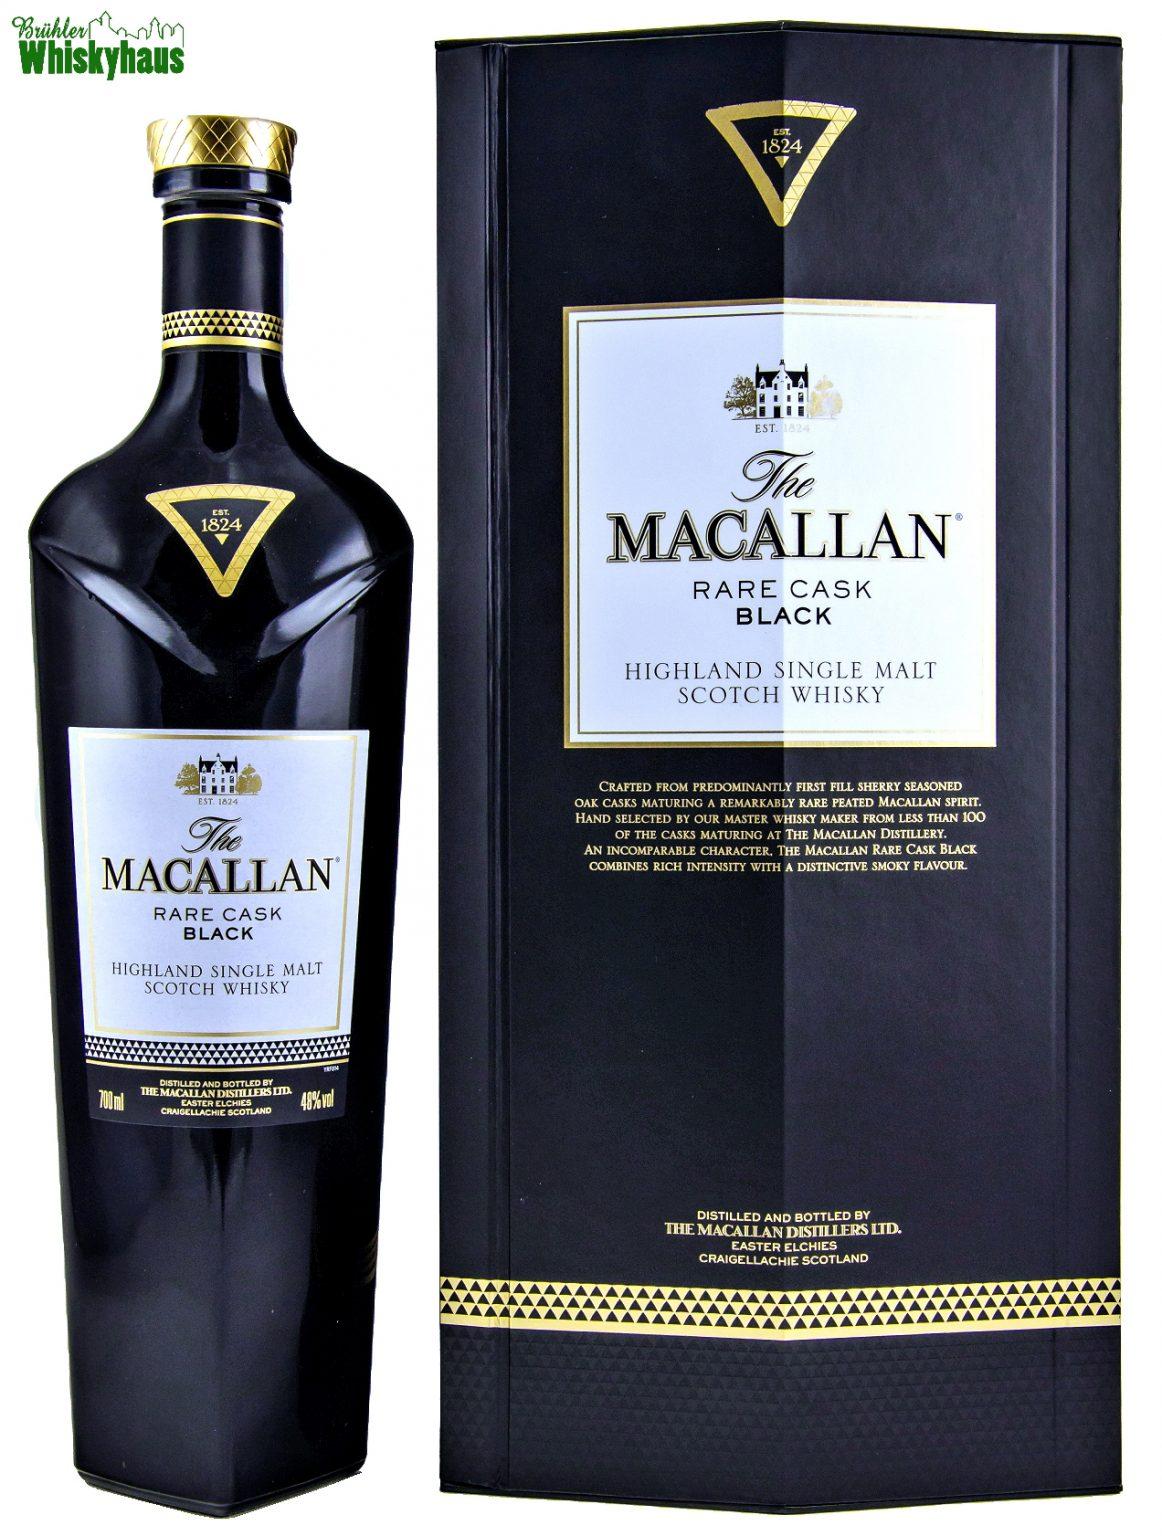 Macallan Rare Cask Black - First Fill Sherry Cask - Macallan Distillery Bottling - Single Malt Scotch Whisky